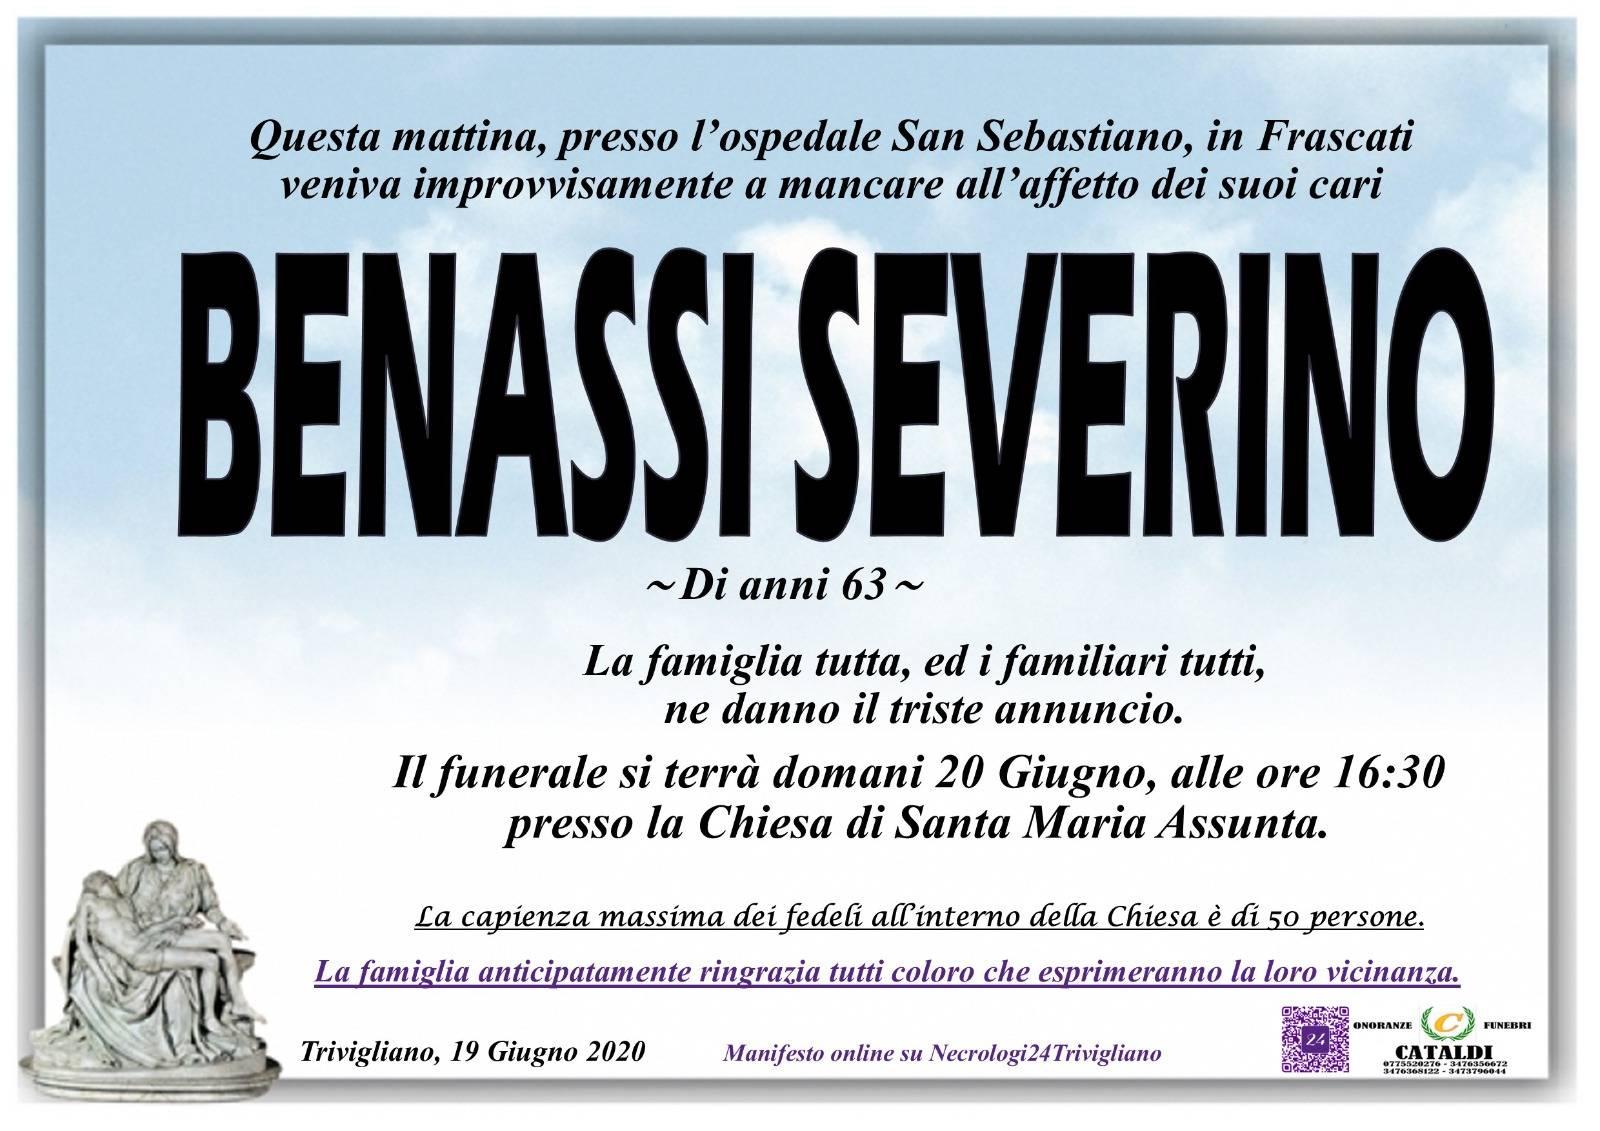 Severino Benassi